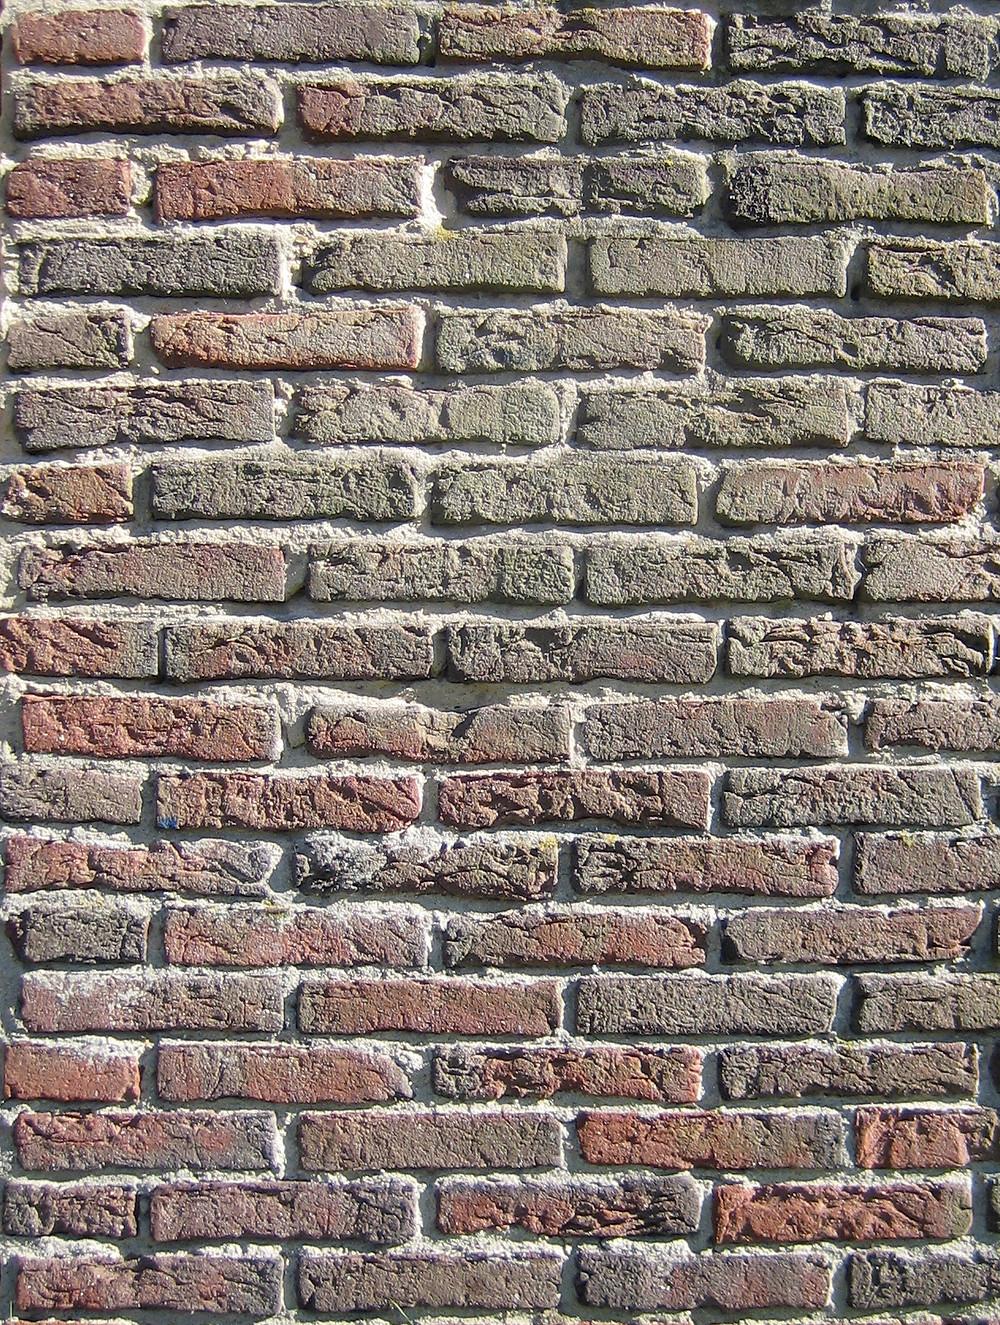 old_bricks_no_1_by_redrockstock-d3e4gcs.jpg